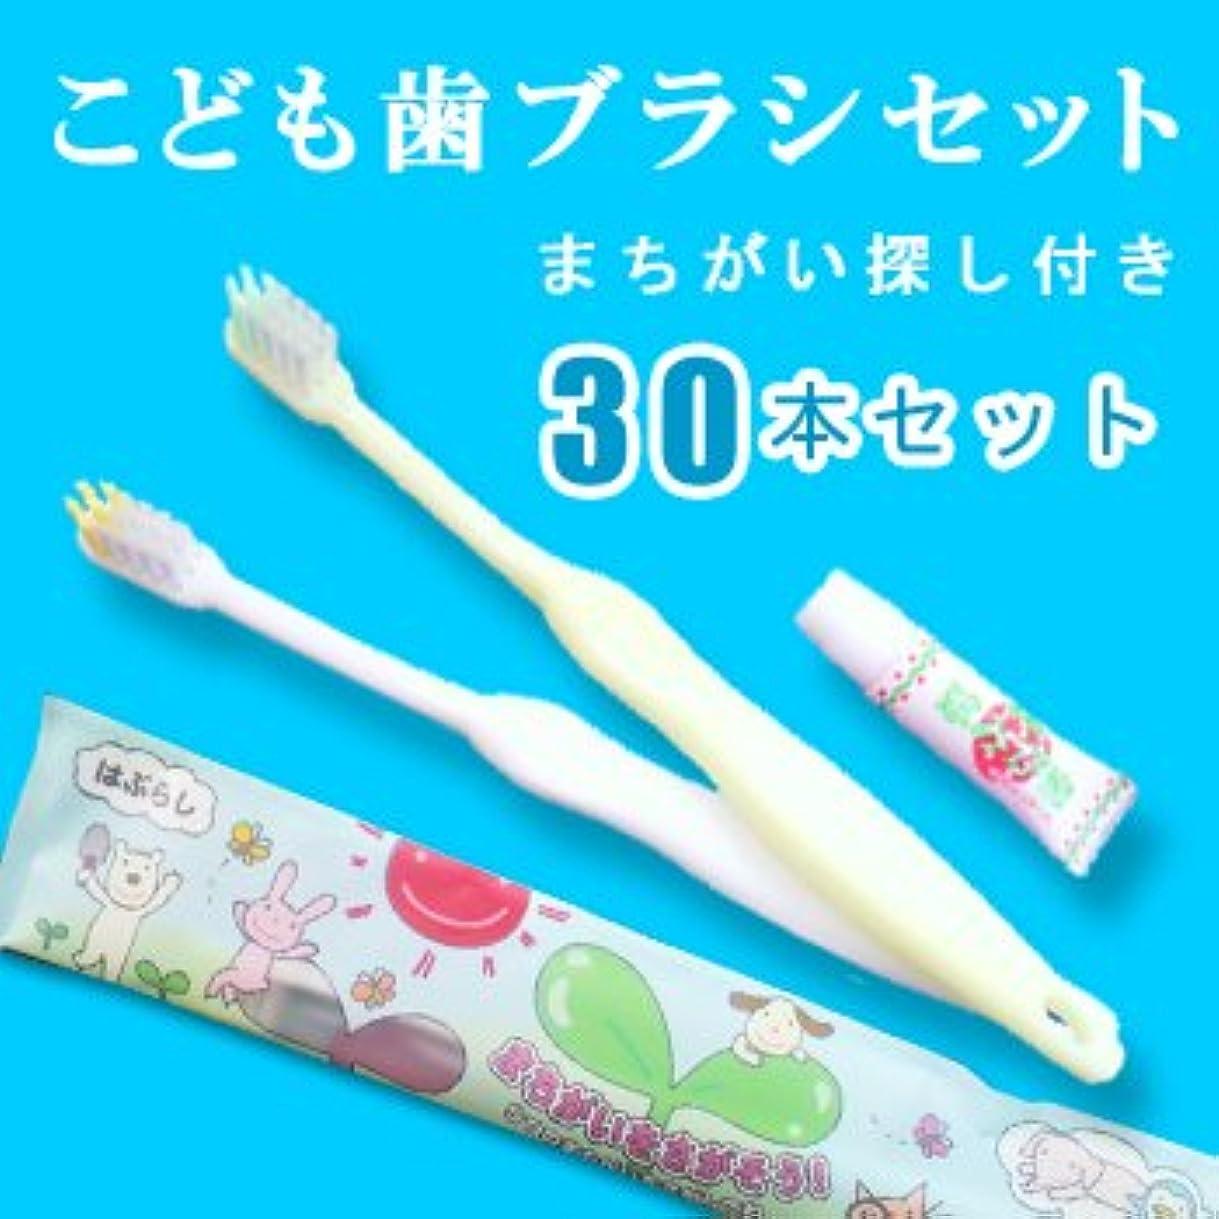 所有権爪フラップこども歯ブラシ いちご味の歯磨き粉3gチューブ付 ホワイト?イエロー各15本アソート(1セット30本)